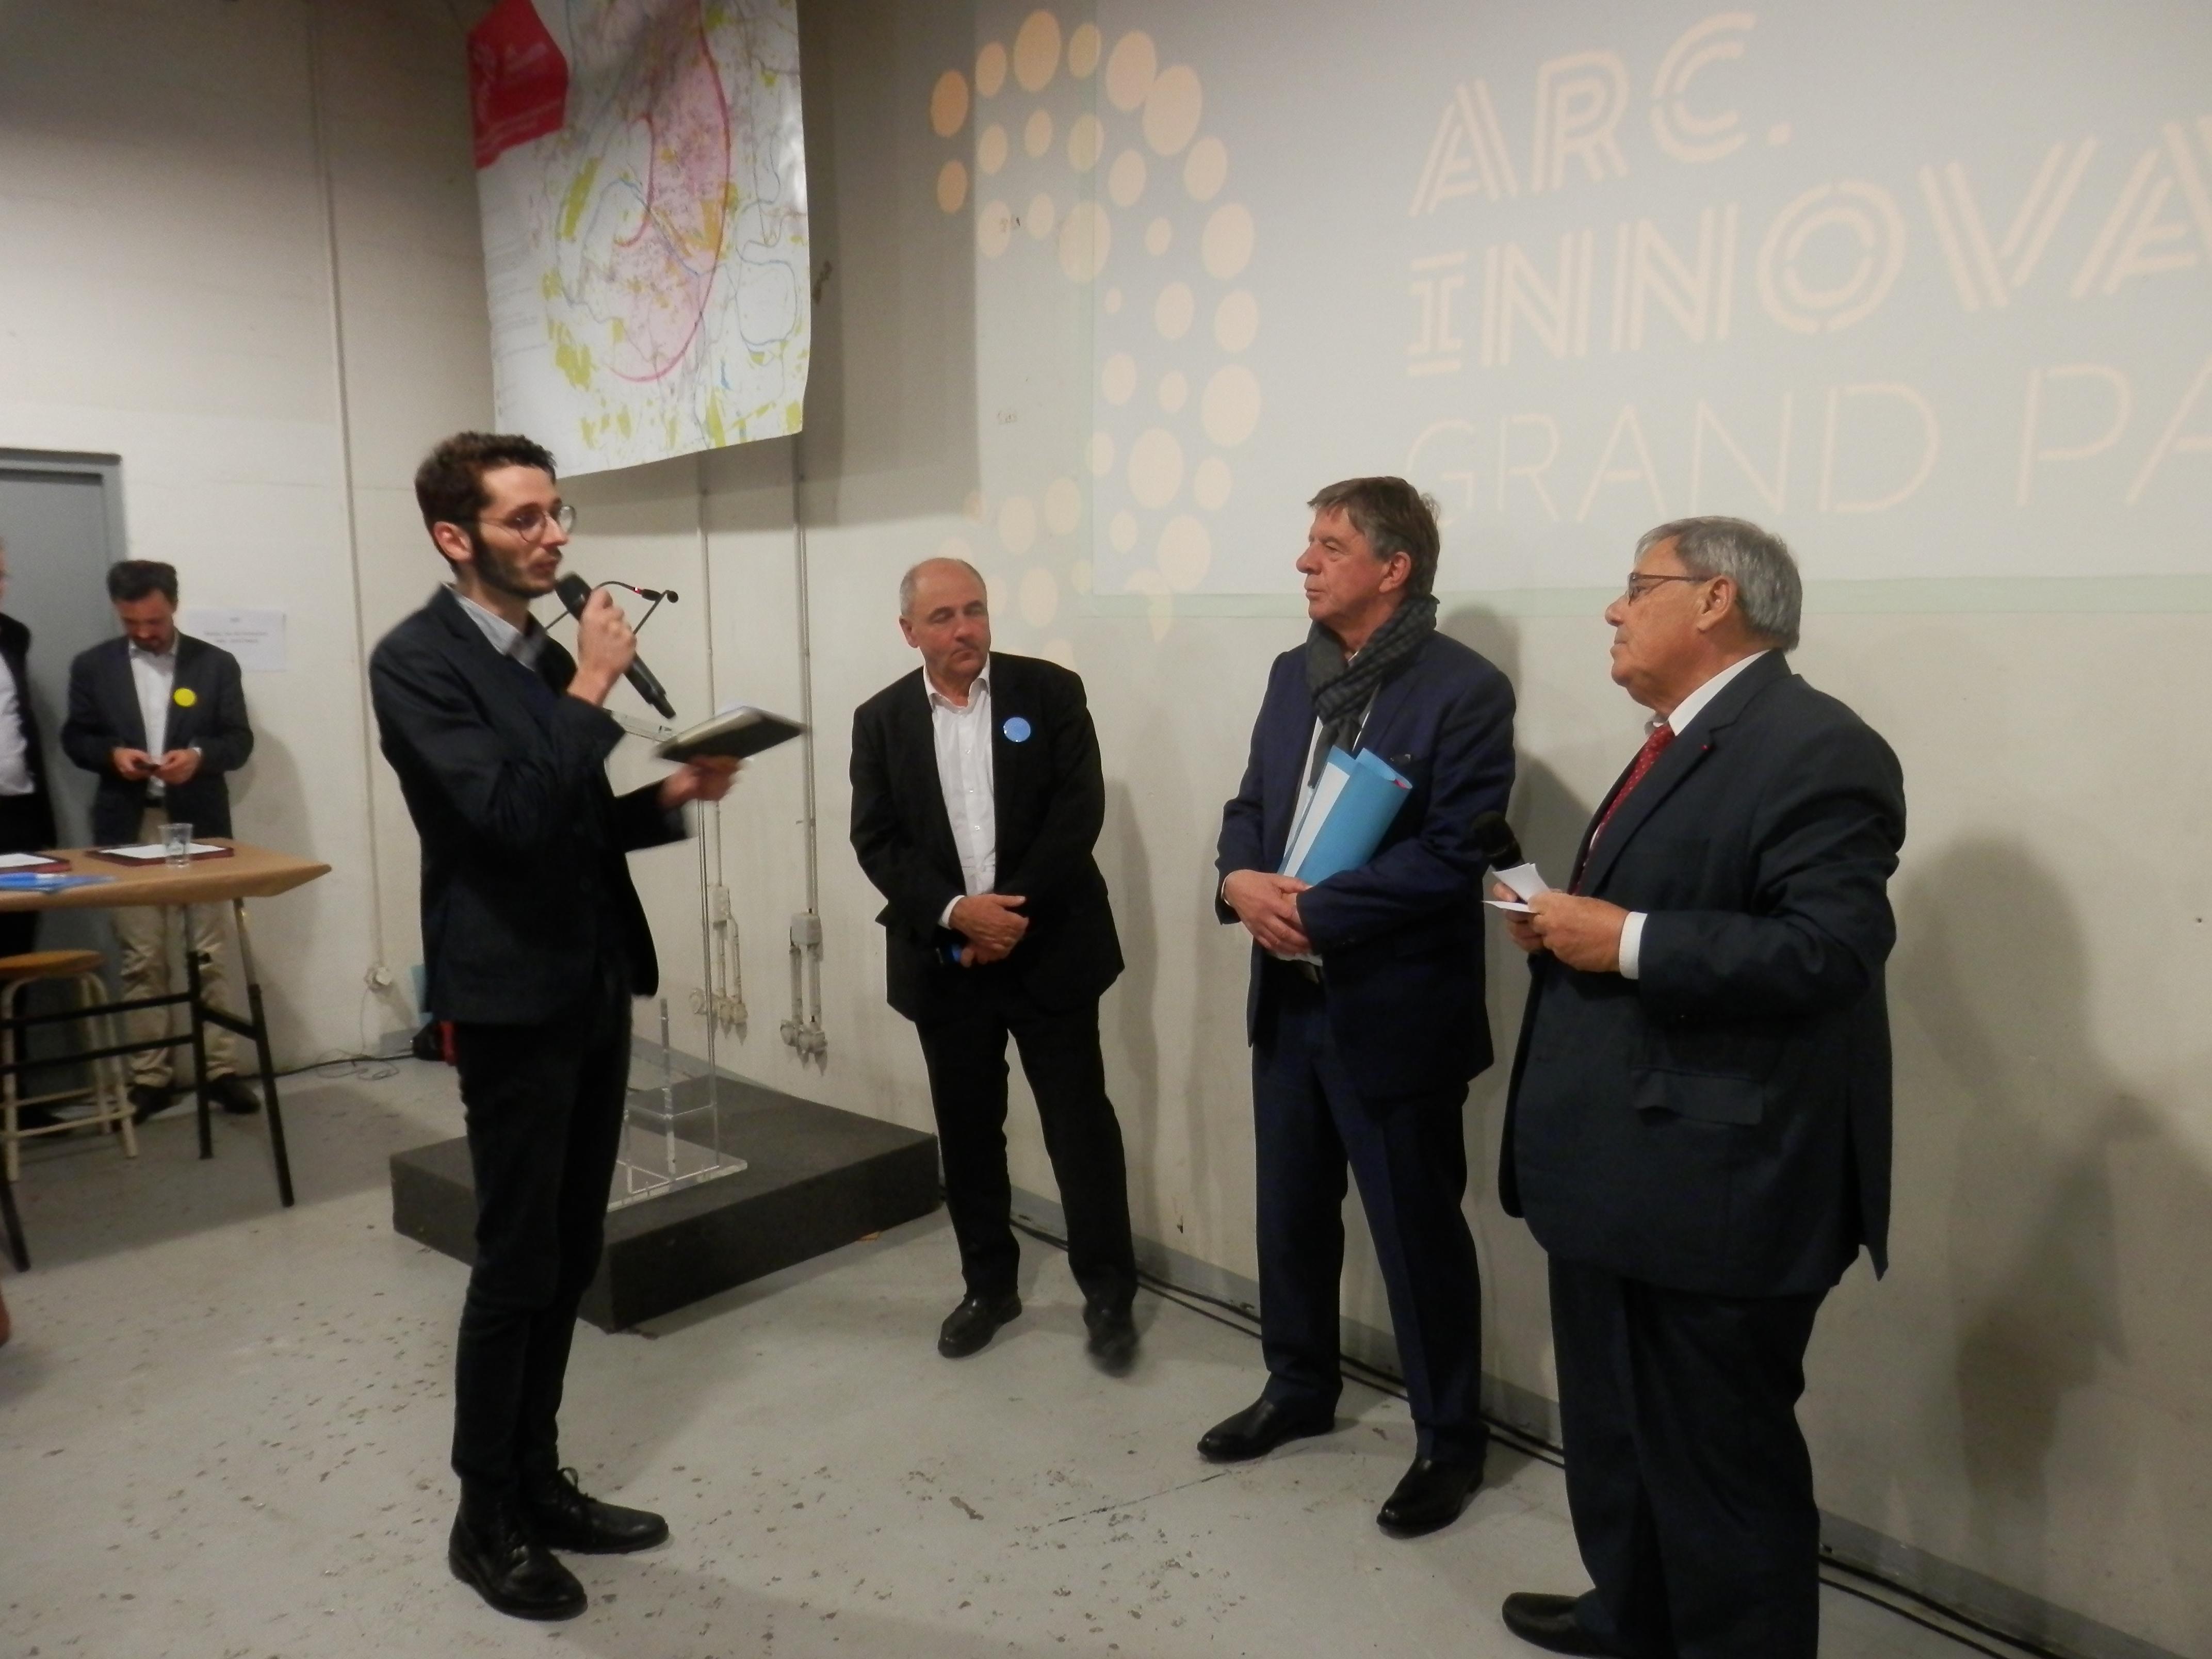 Les élus des territoires de l'Arc de l'Innovation (de droite à gauche : Jean-Charles Nègre, vice-président d'Est Ensemble, Michel Leprêtre, président de Grand-orly Seine Bièvre et Jean-Louis Missika, adjoint à l'urbanisme à la mairie de Paris) sont pleins d'espoirs pour la réalisation de leurs objectifs.